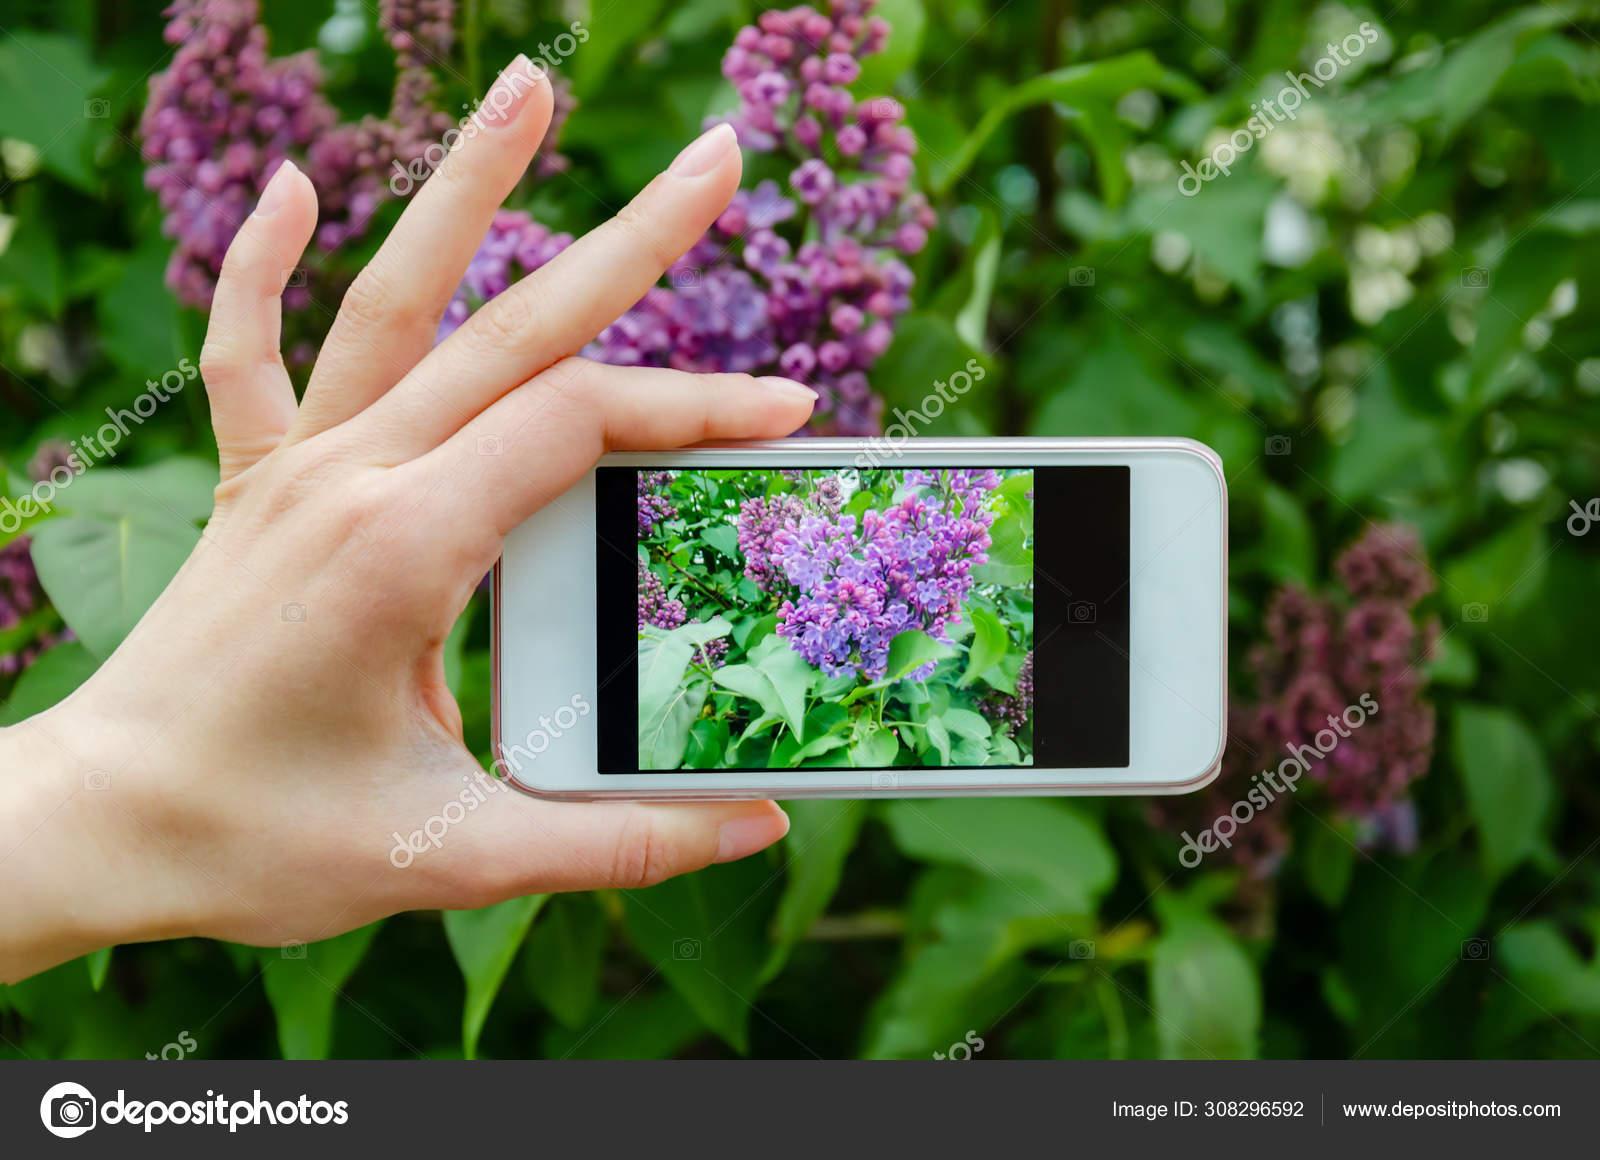 Телефон фотографирует с фиолетовым оттенком